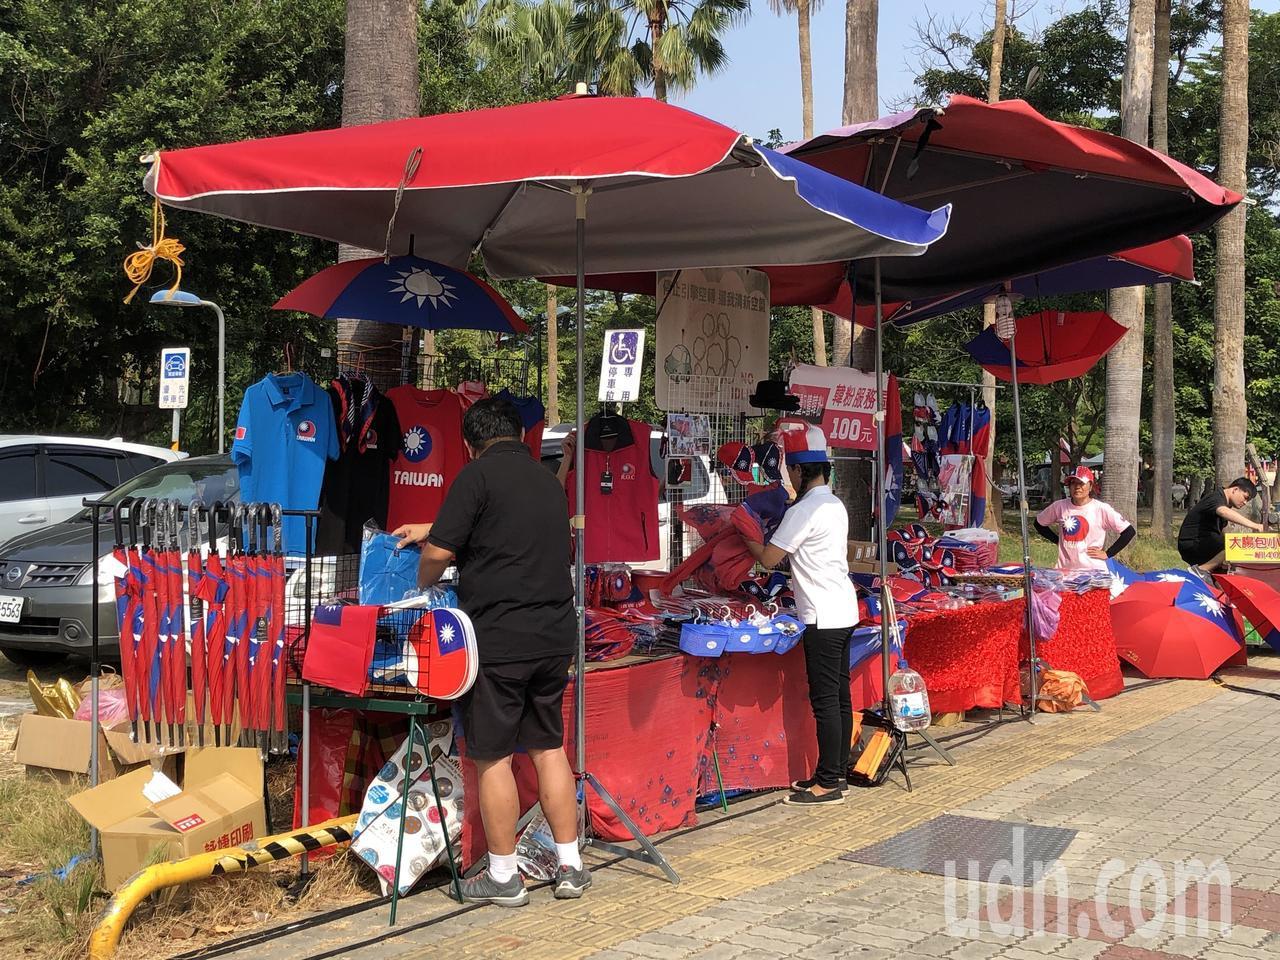 今天的水萍塭公園很不一樣,播放國歌,隨處高掛國旗,周遭攤位販售國旗元素形形色色商...